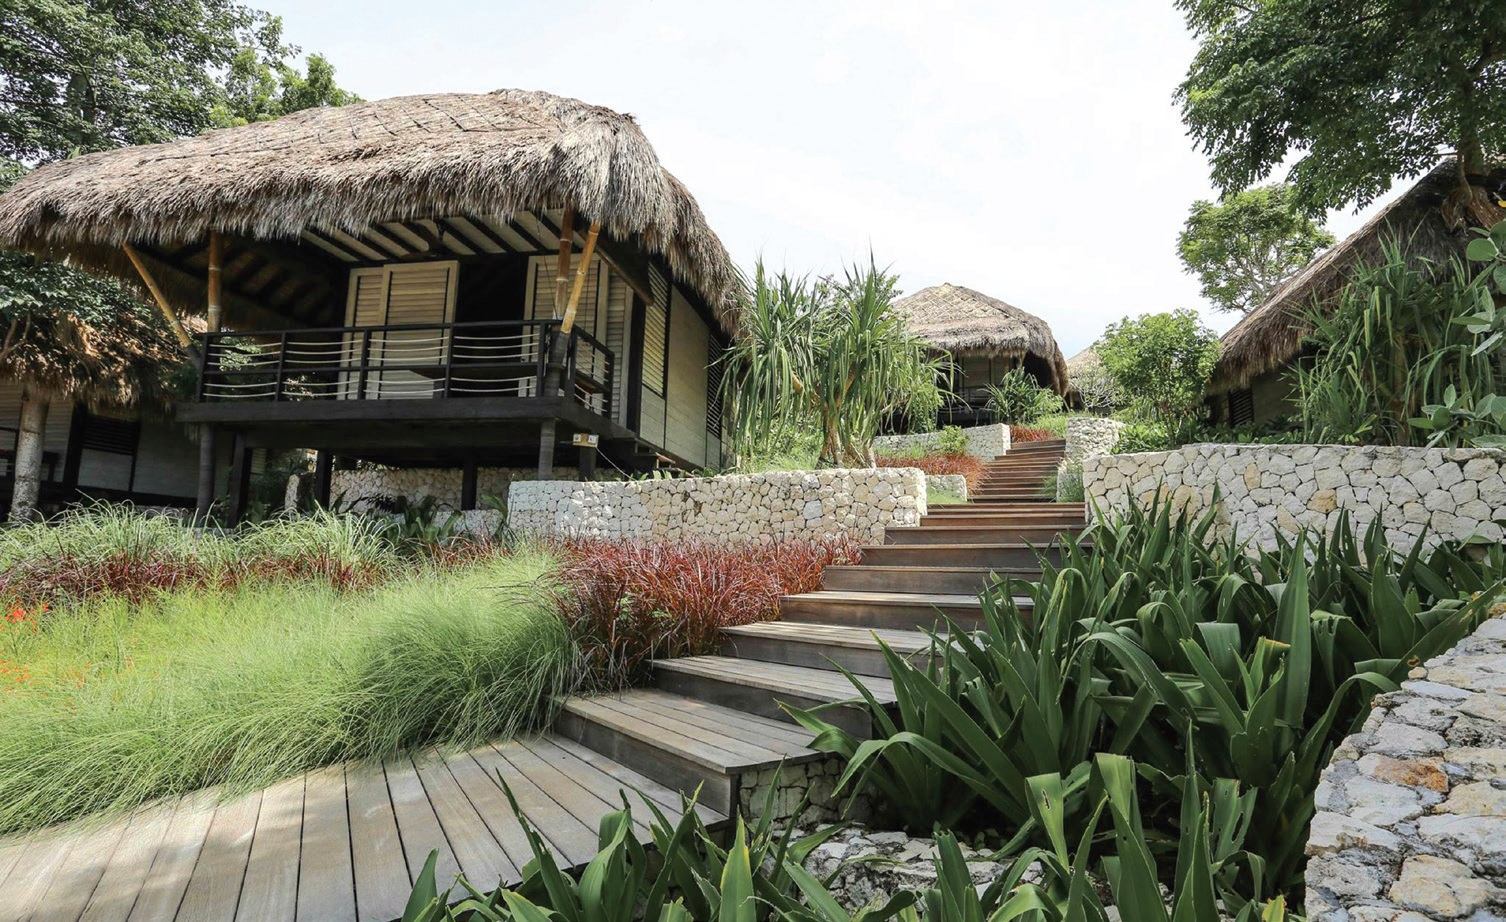 Viešbutis daugiausia suręstas iš rekuperuotos medienos ir bambuko, o vilos iš dalies patupdytos ant polių. Taip skatinamas natūralus oro judėjimas ir saugoma aplinka